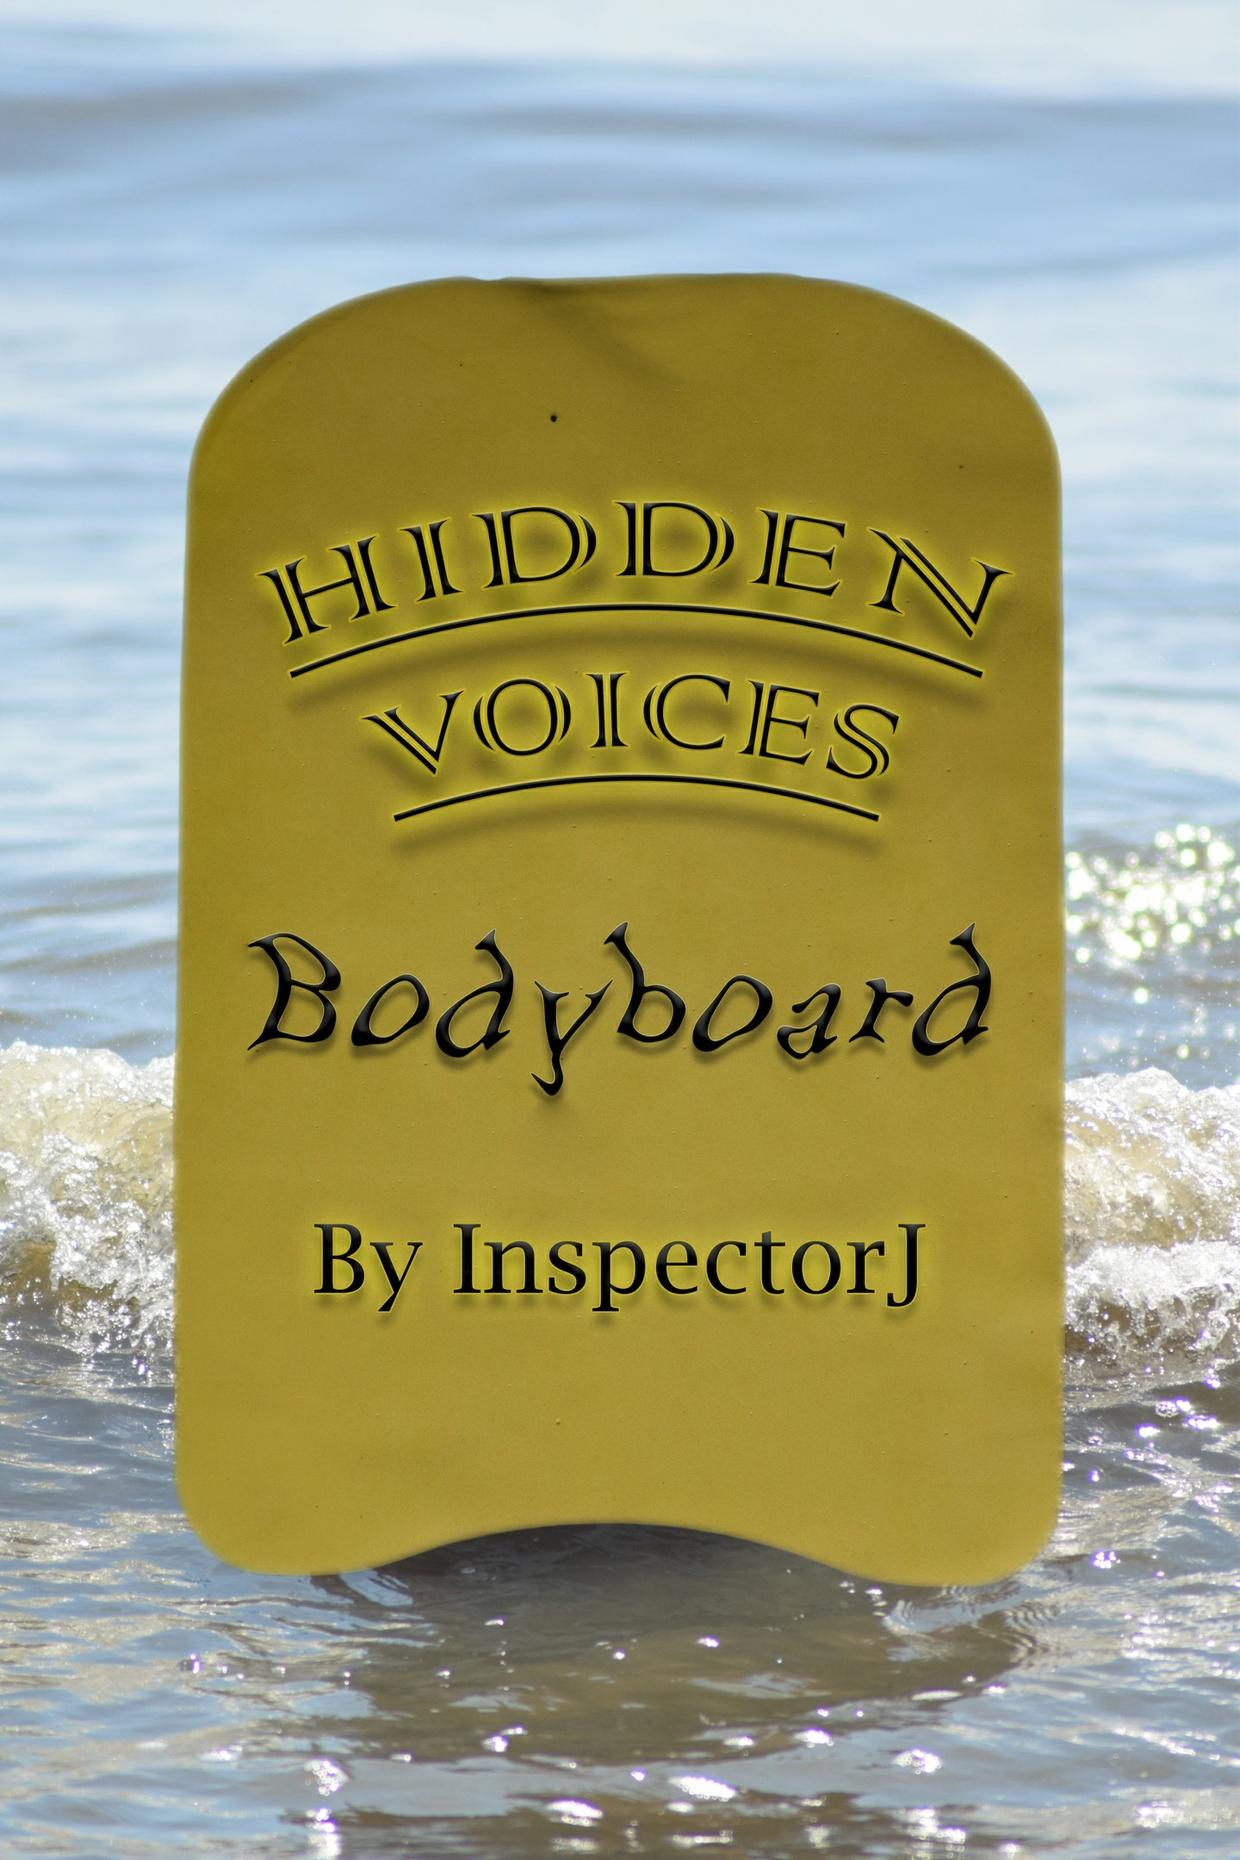 Hidden Voices - Bodyboard (44)